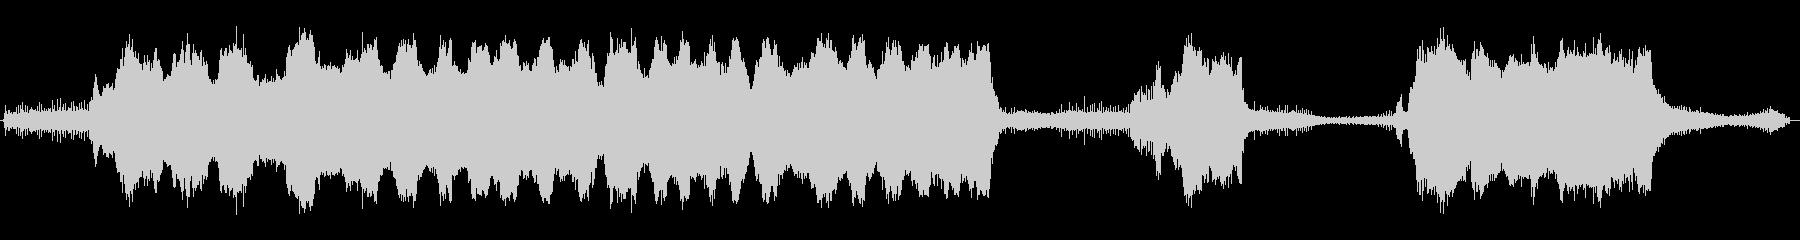 大型ガスチェーンソー:開始、大型の...の未再生の波形